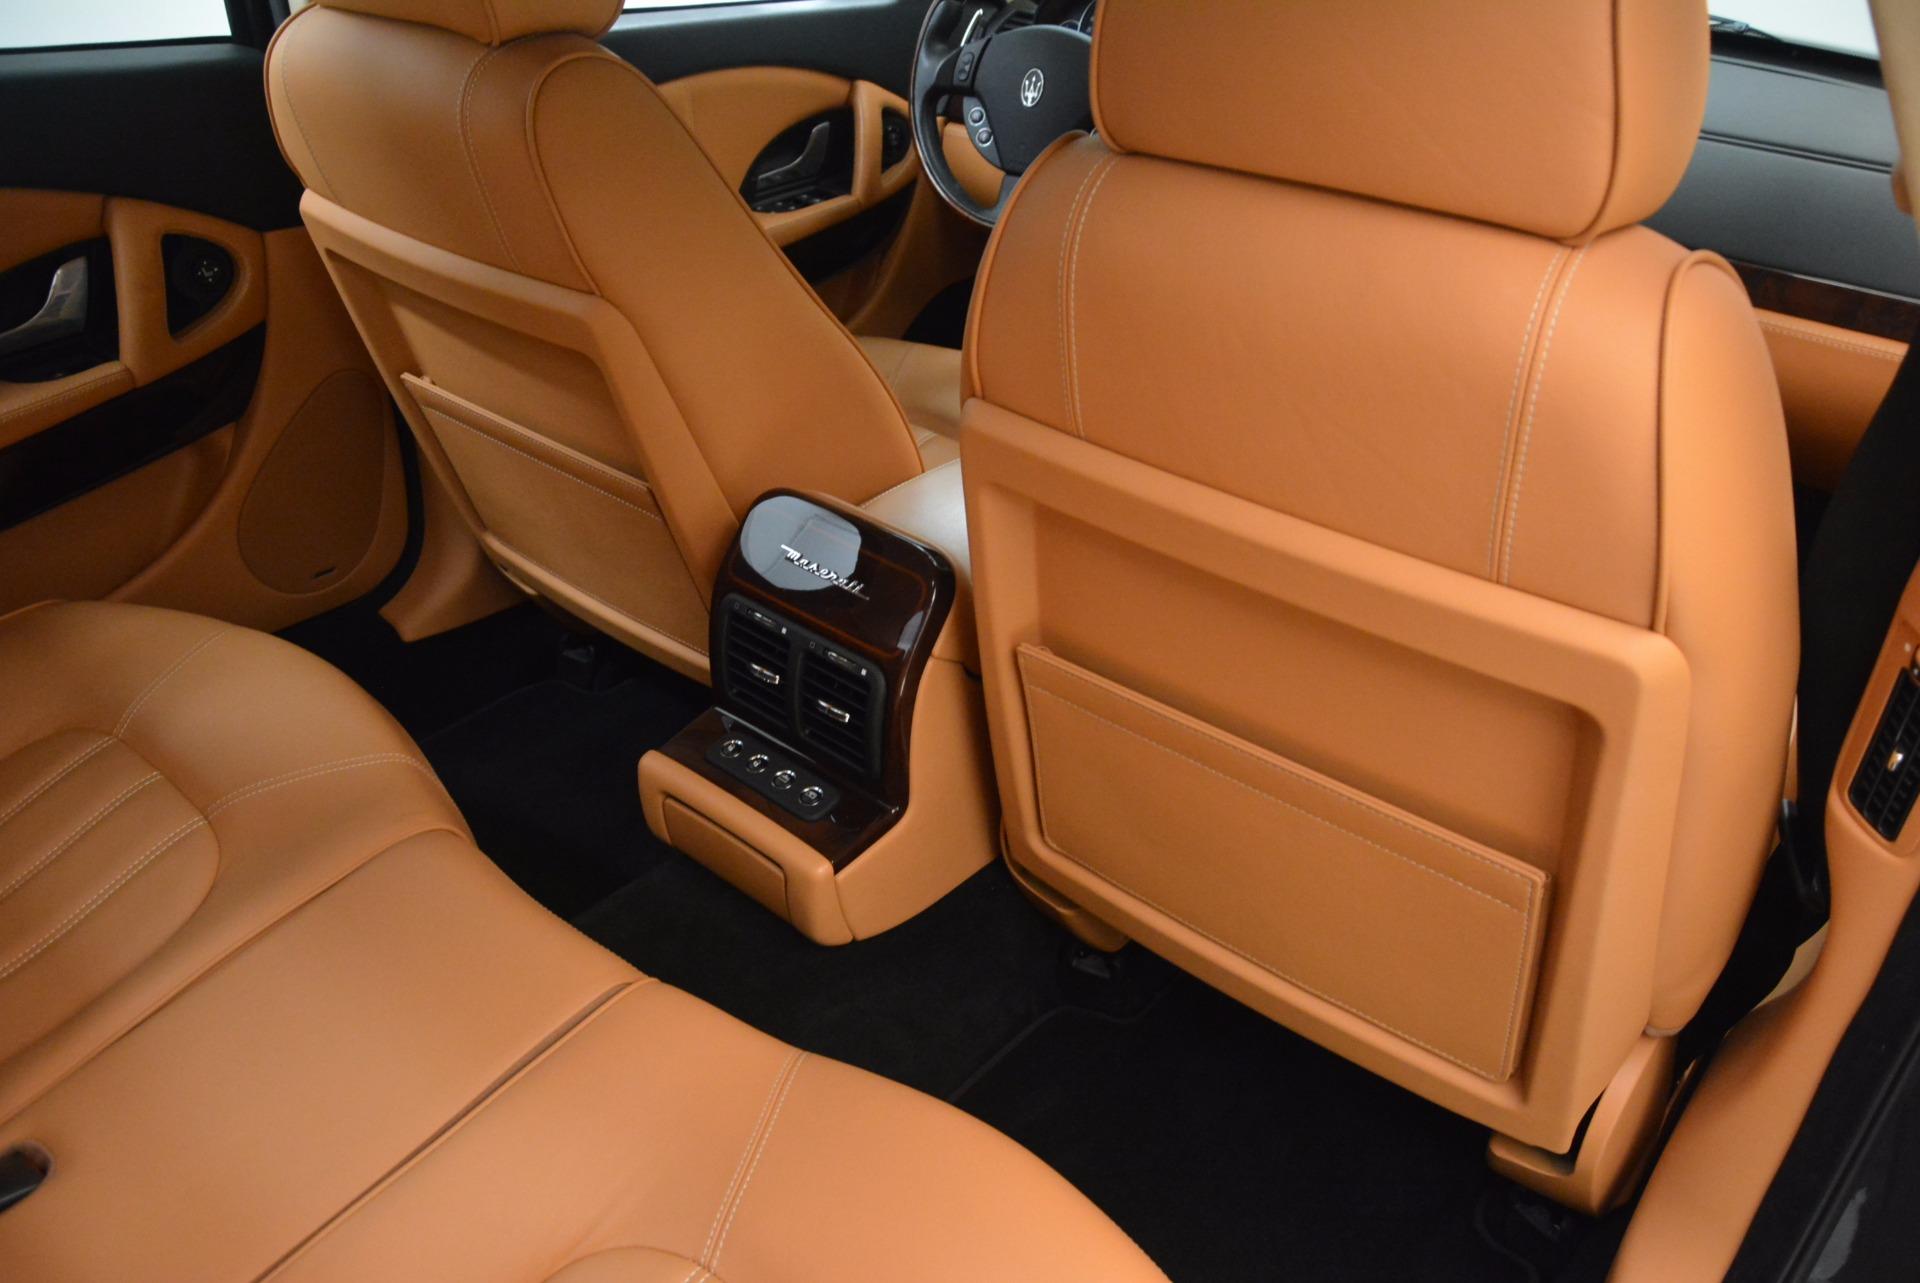 Used 2010 Maserati Quattroporte S For Sale In Greenwich, CT. Alfa Romeo of Greenwich, 7279 1551_p37